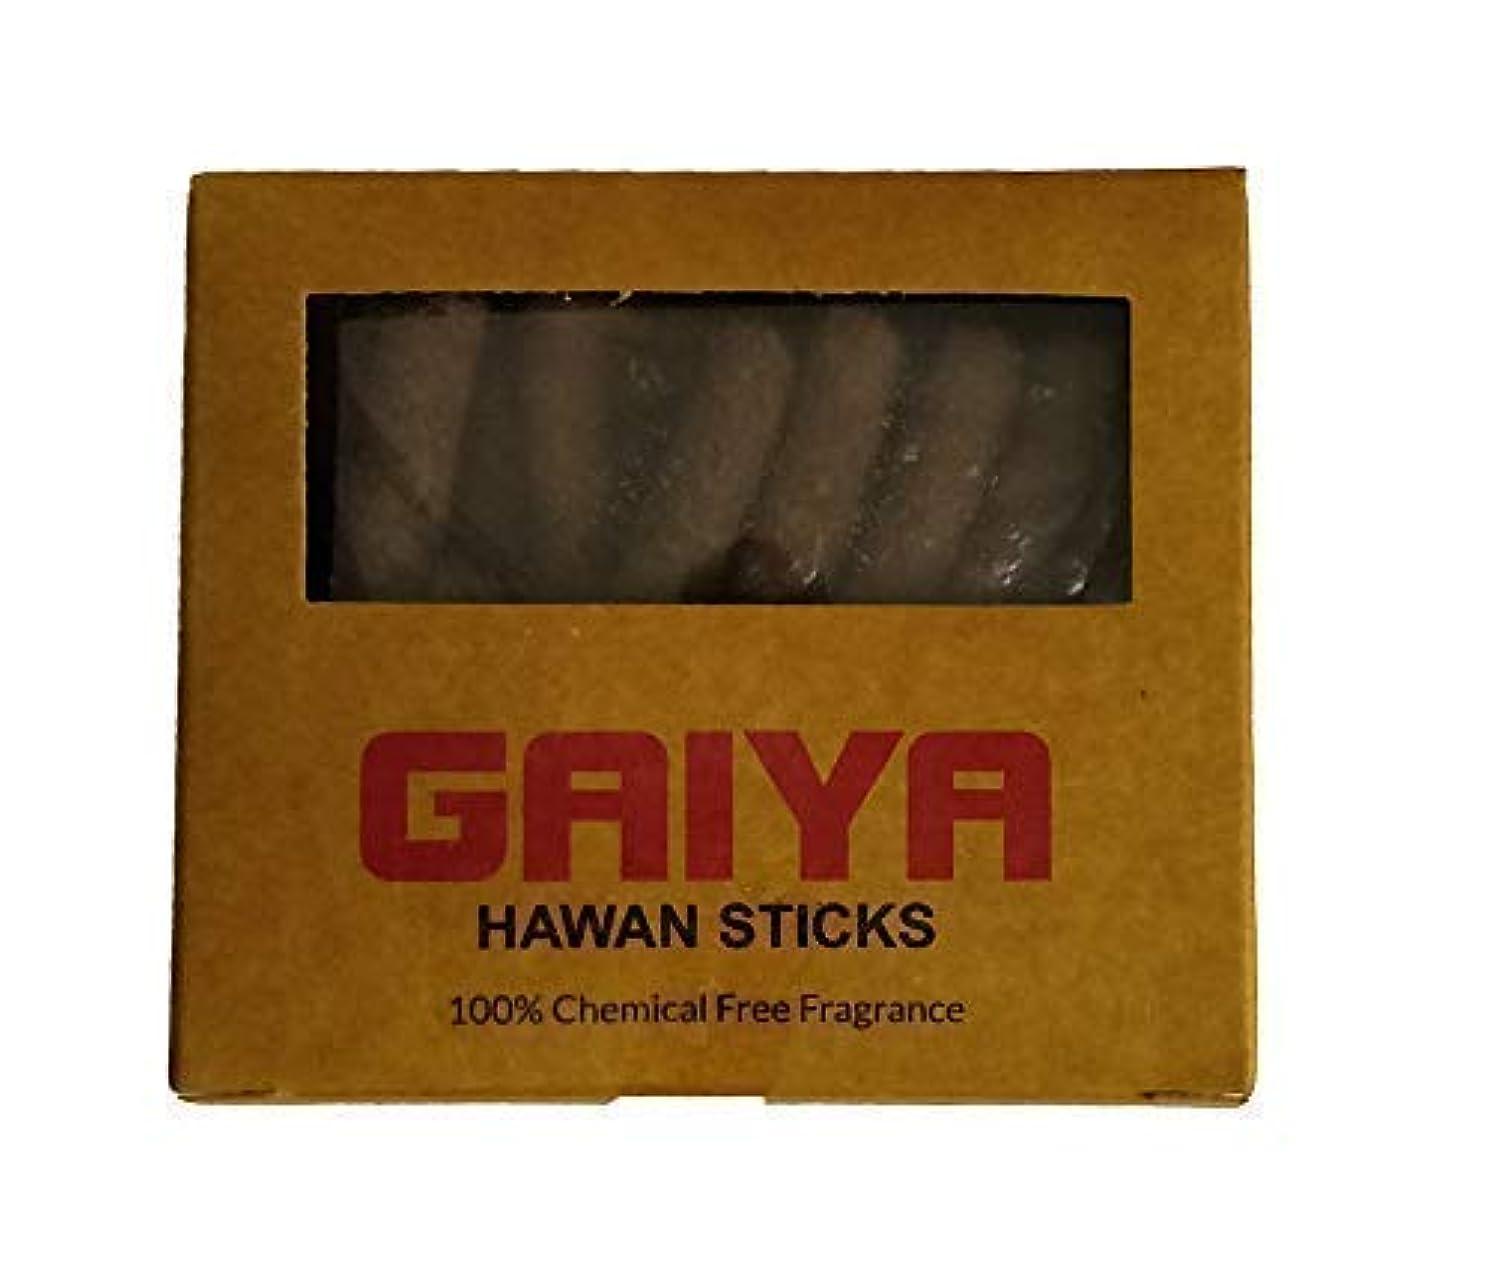 属性努力する洗練Go4Life Gaiya Hawan Sticks - Pack of 4 Boxes (for Havan Also Havan Sticks Havan Samigri)